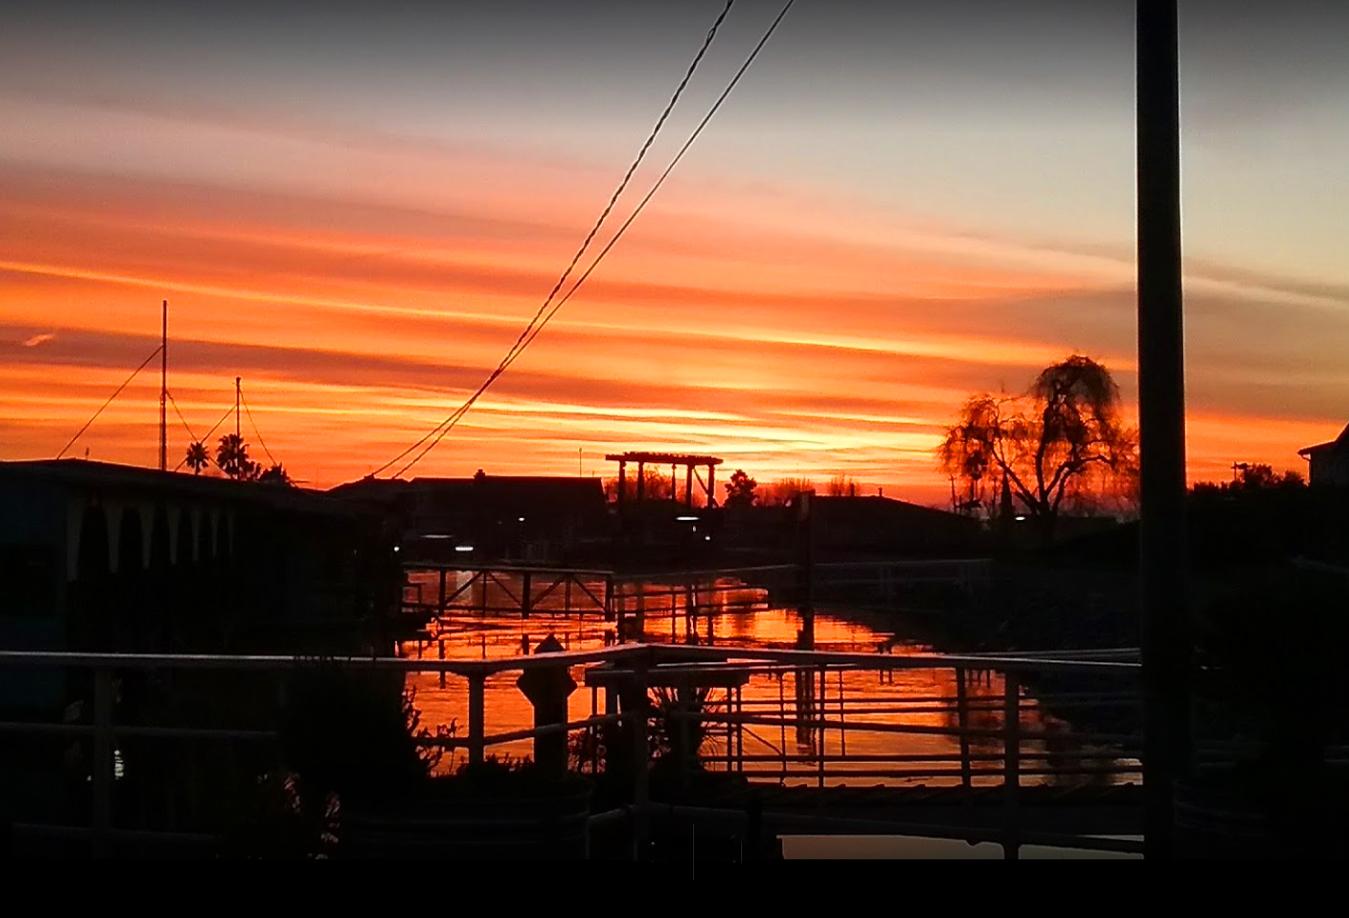 bethel-harbor-sunset-4.jpg